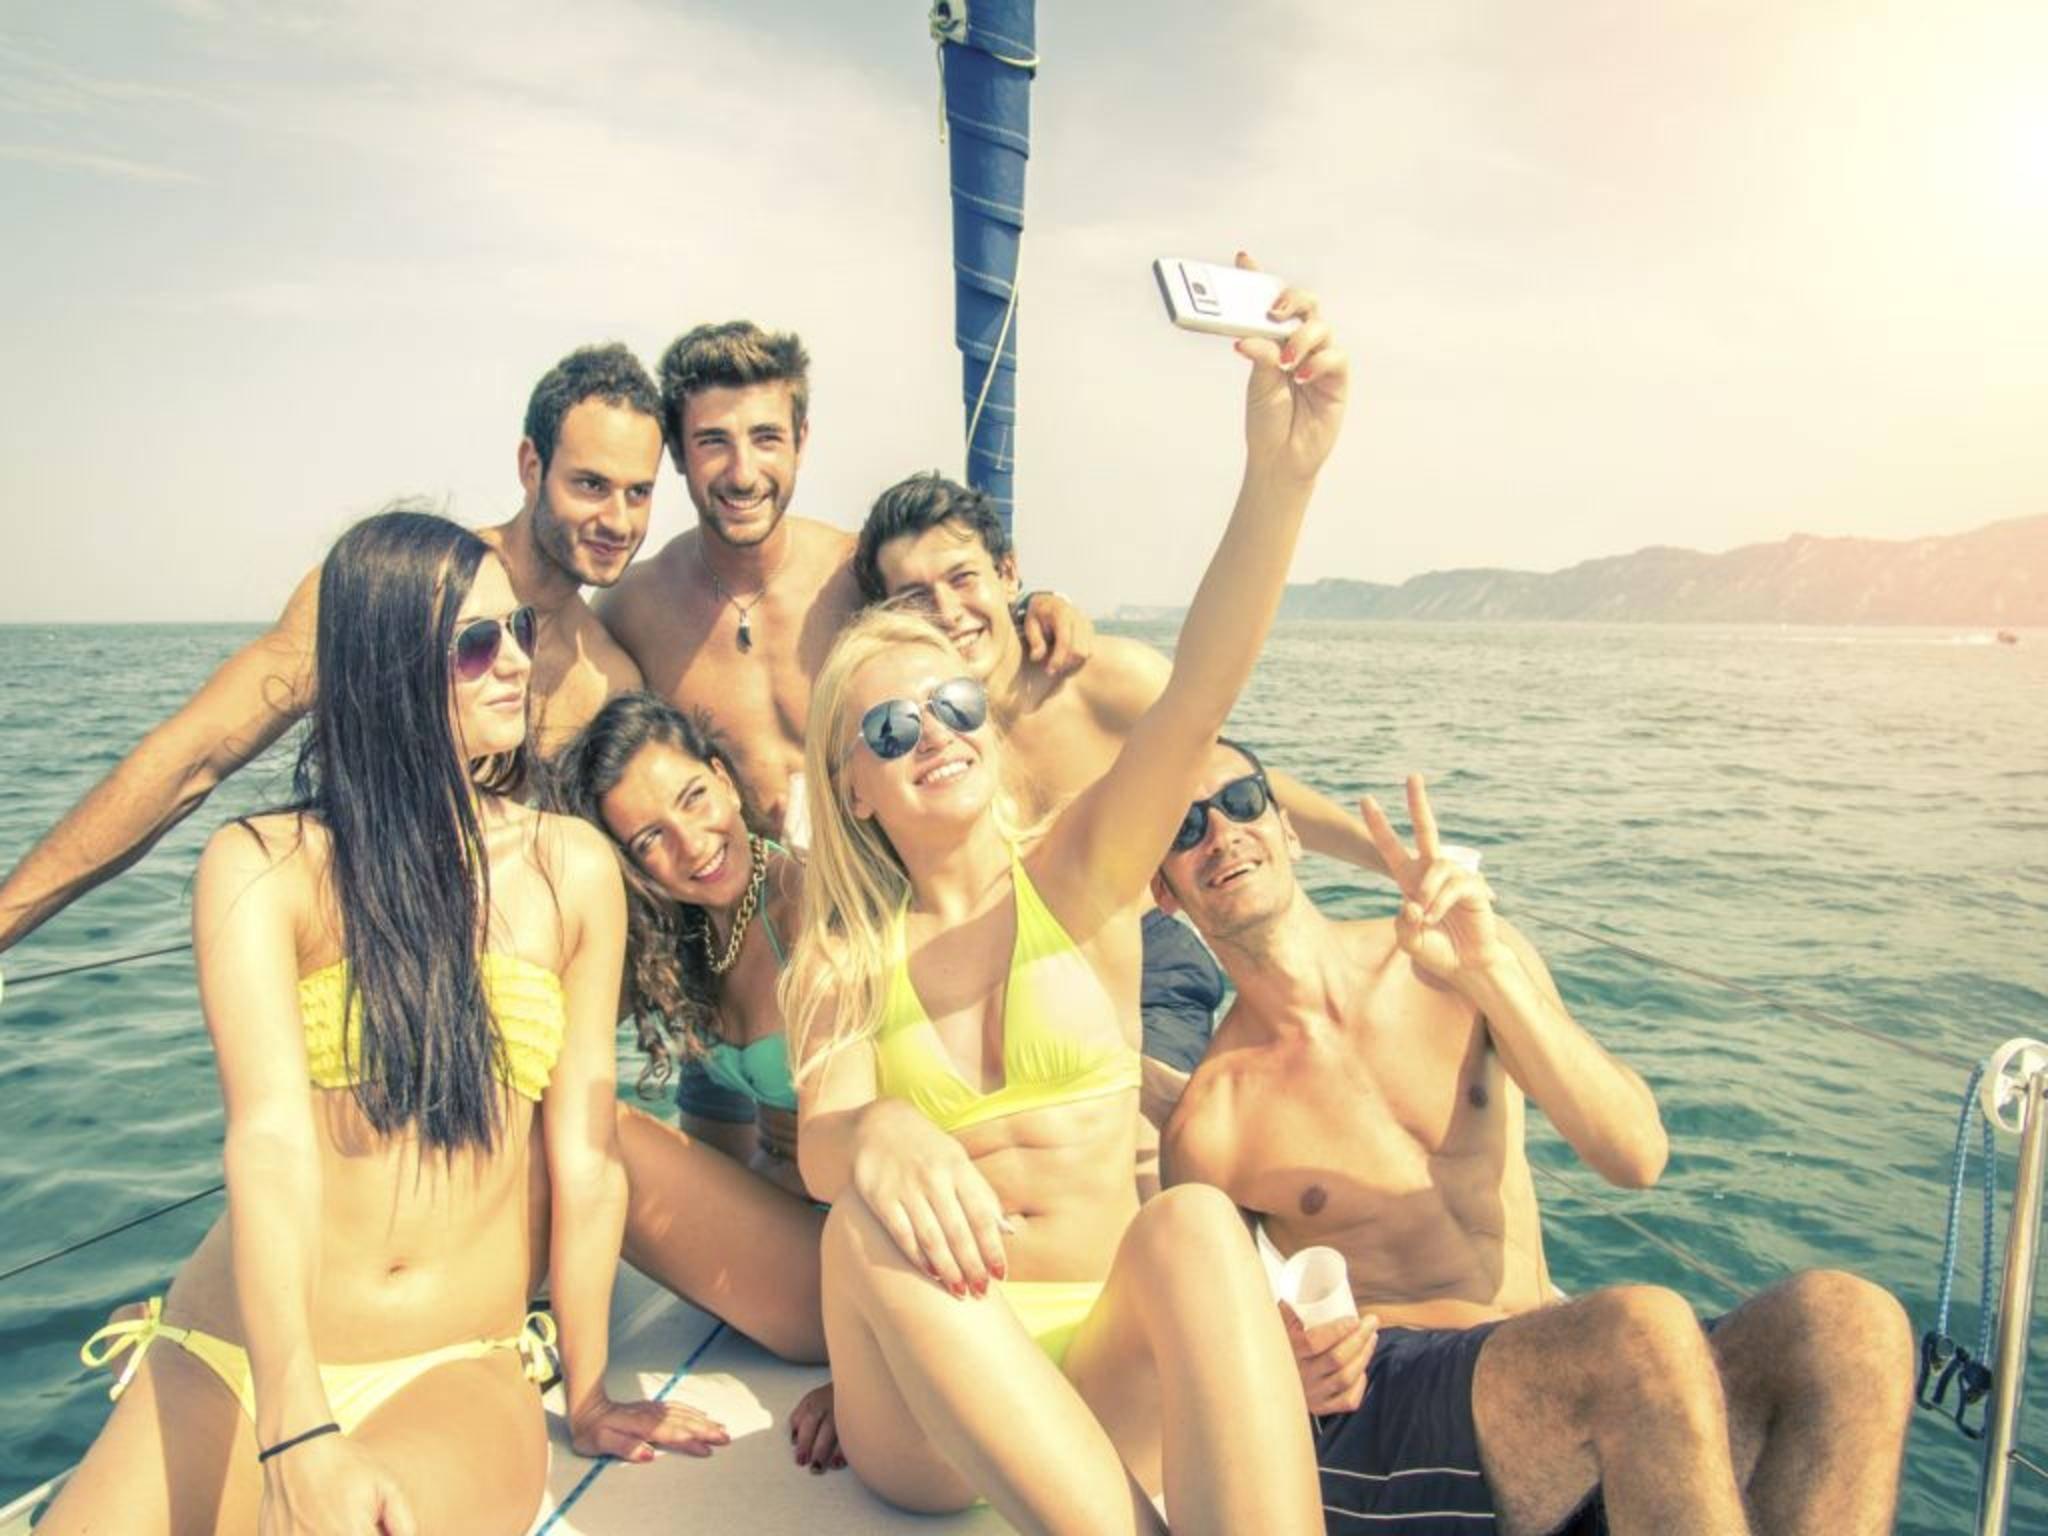 Das Smartphone ist sowieso immer dabei – wir zeigen, welche Gadgets die Sommerparty erst richtig steigen lassen.